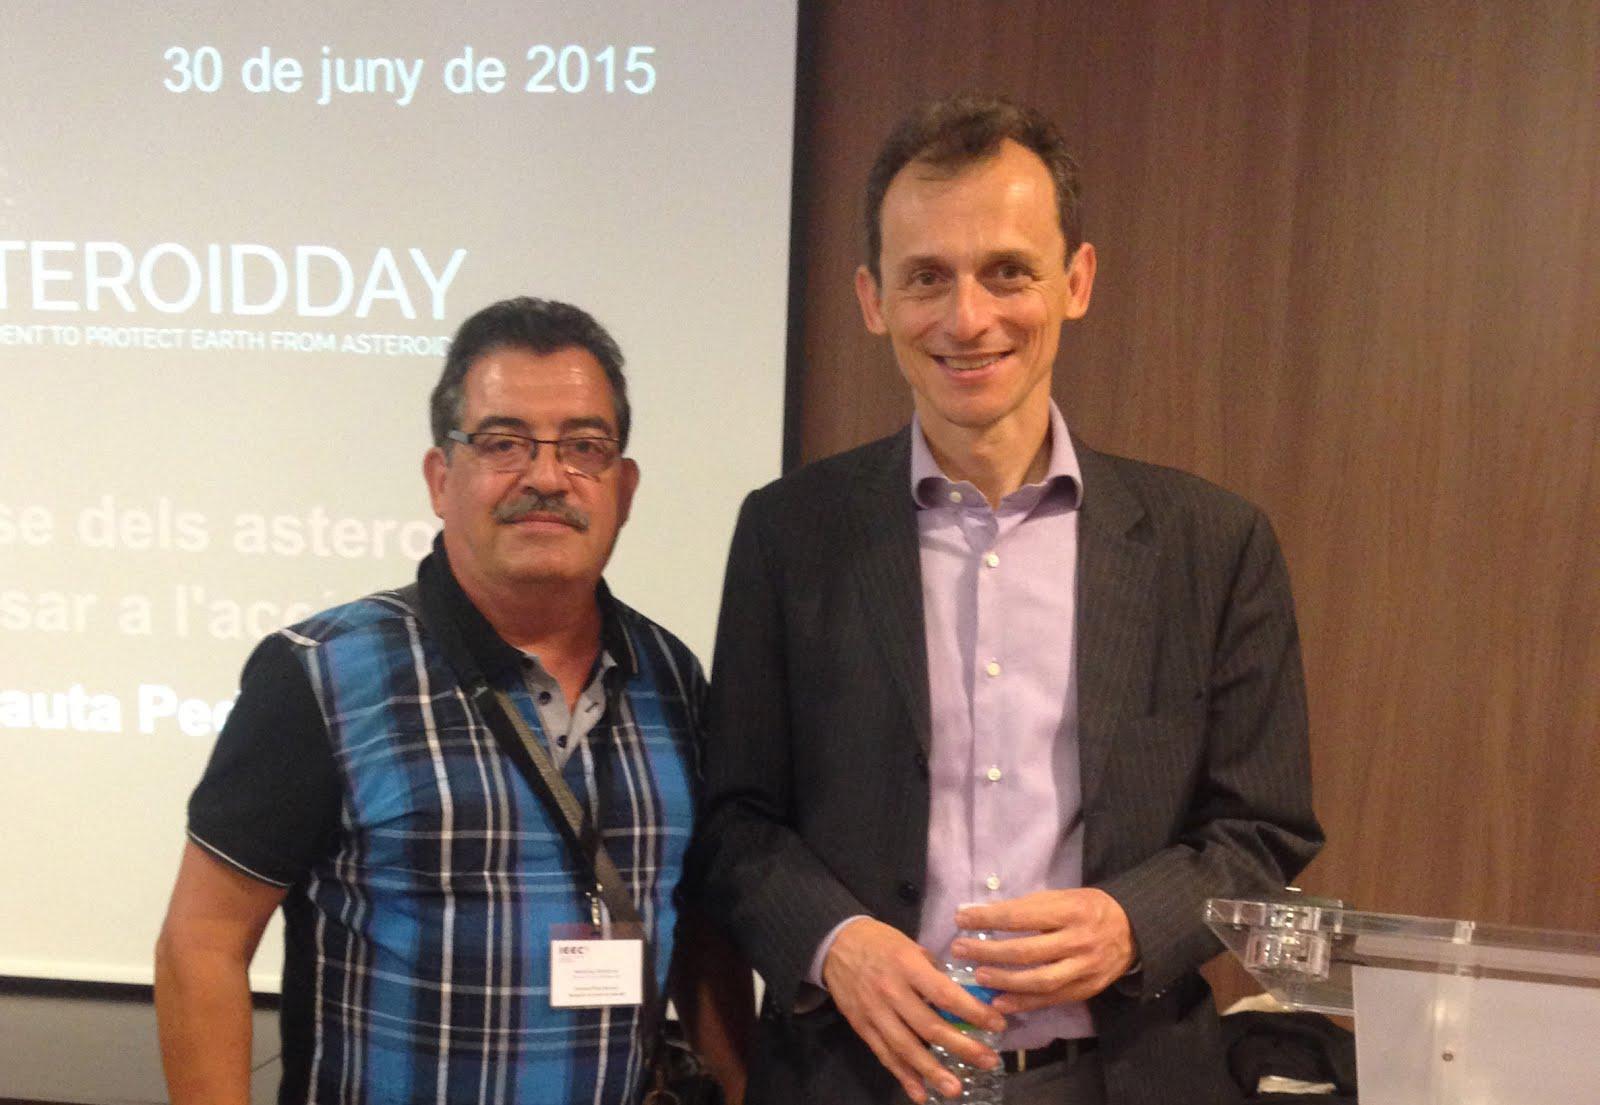 Foto amb Pedro Duque.